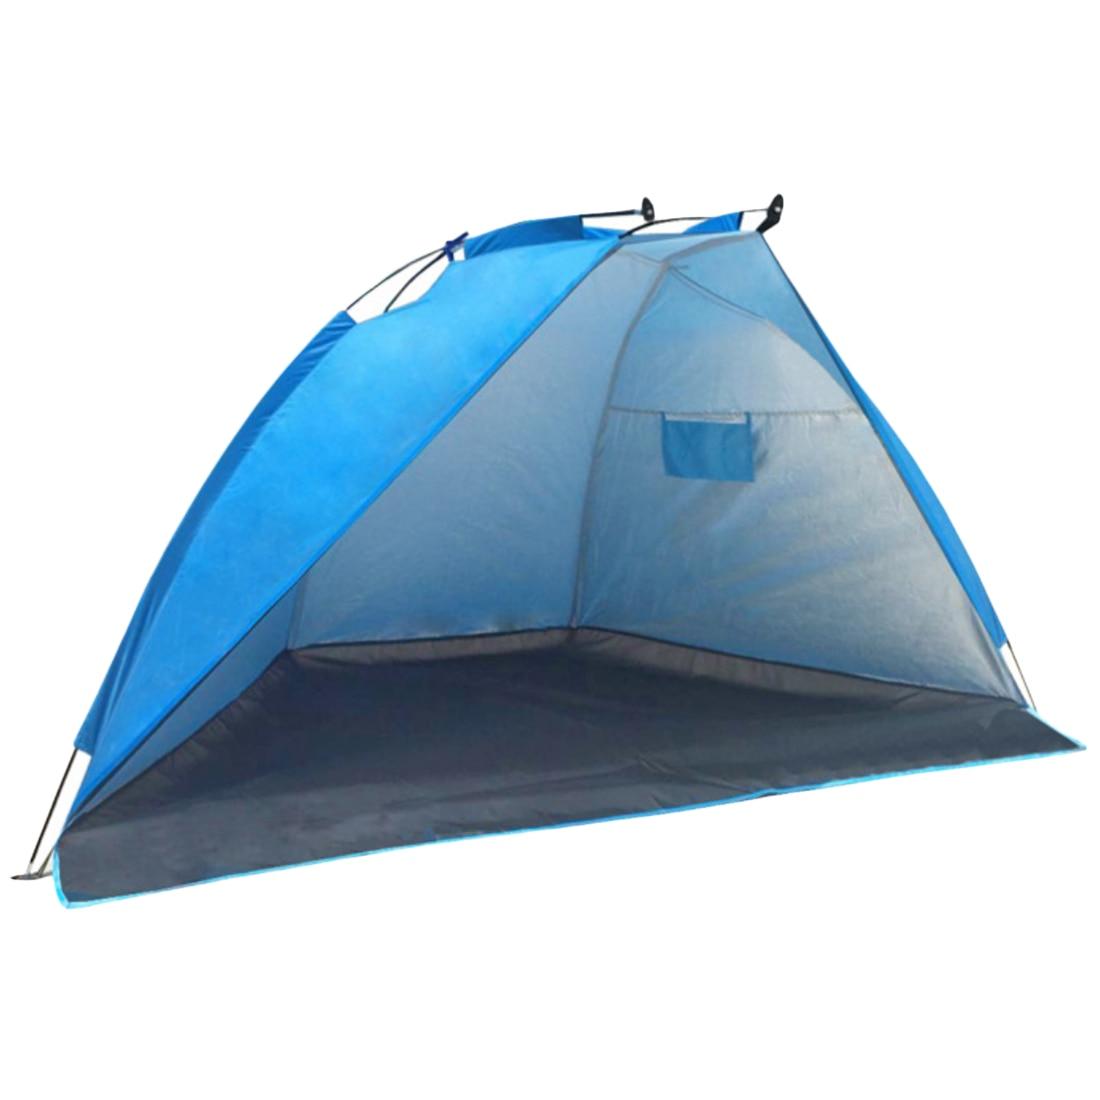 Camping en plein air Randonnée Tente Portable Tente De Plage Soleil Shielter Touristique Tente De Pêche Ombre Canopée dans Abri du soleil de Sports et loisirs